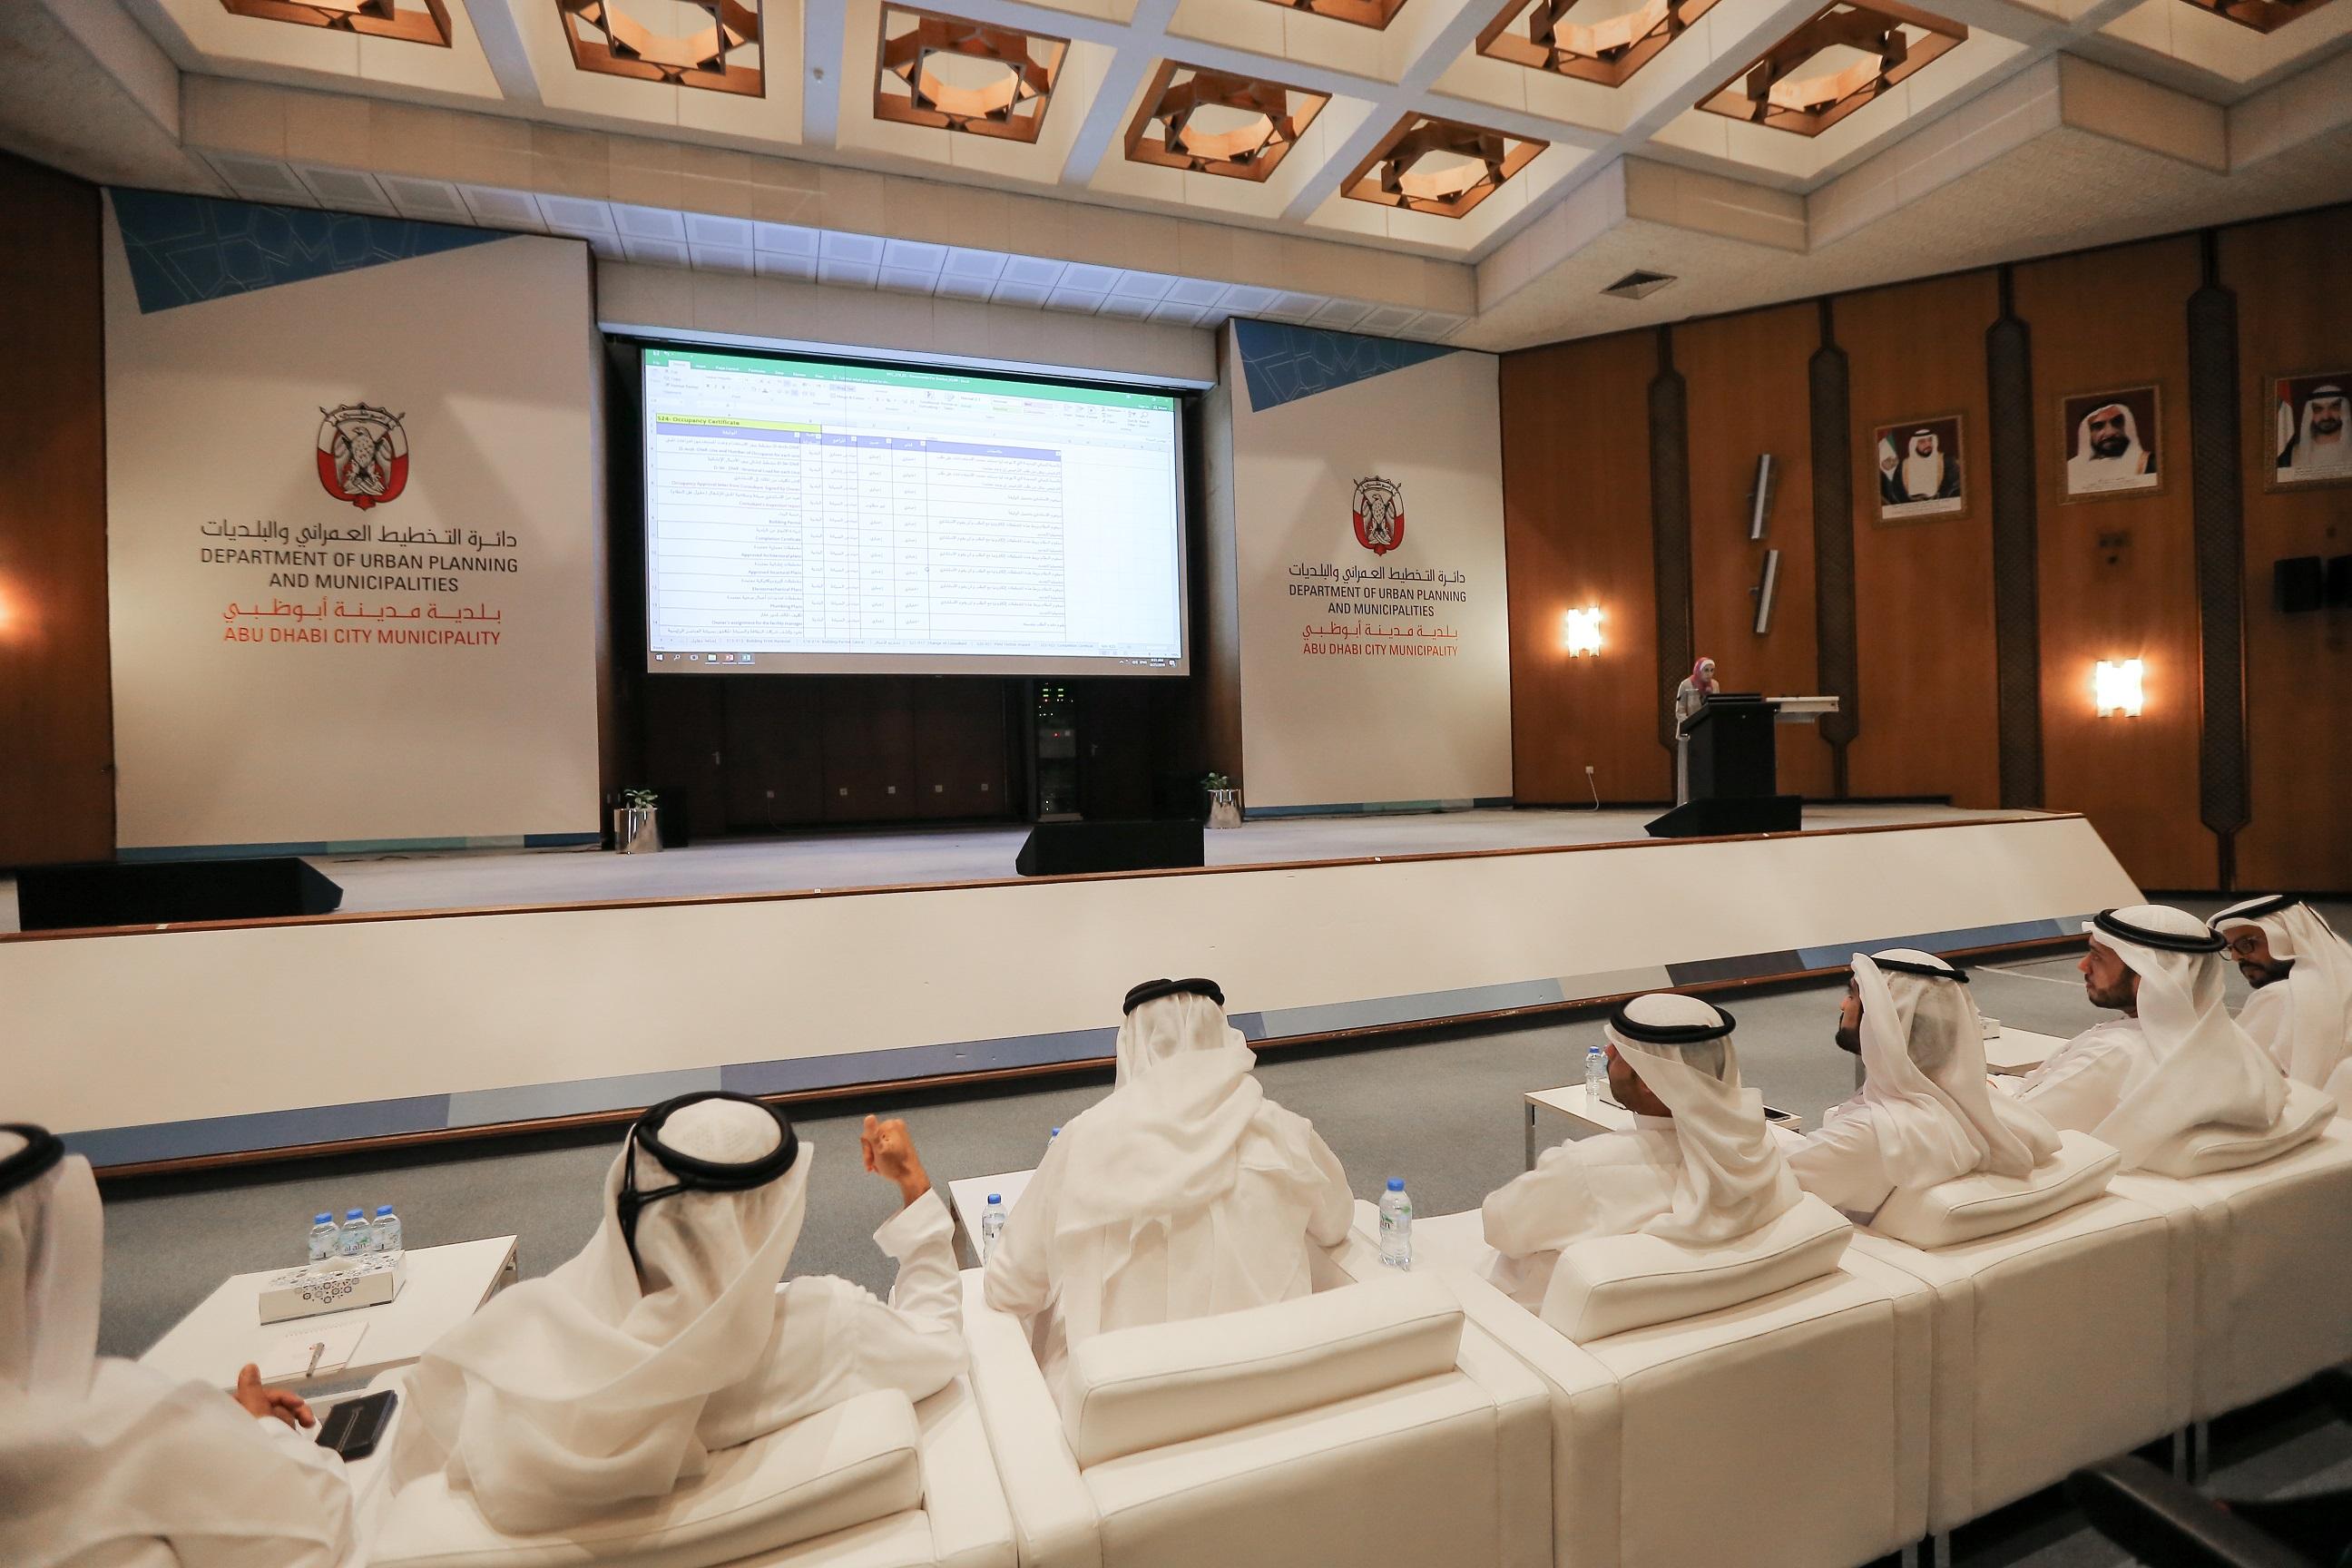 بلدية مدينة أبوظبي : شهادة الإشغال إلزامية مع بداية العام المقبل